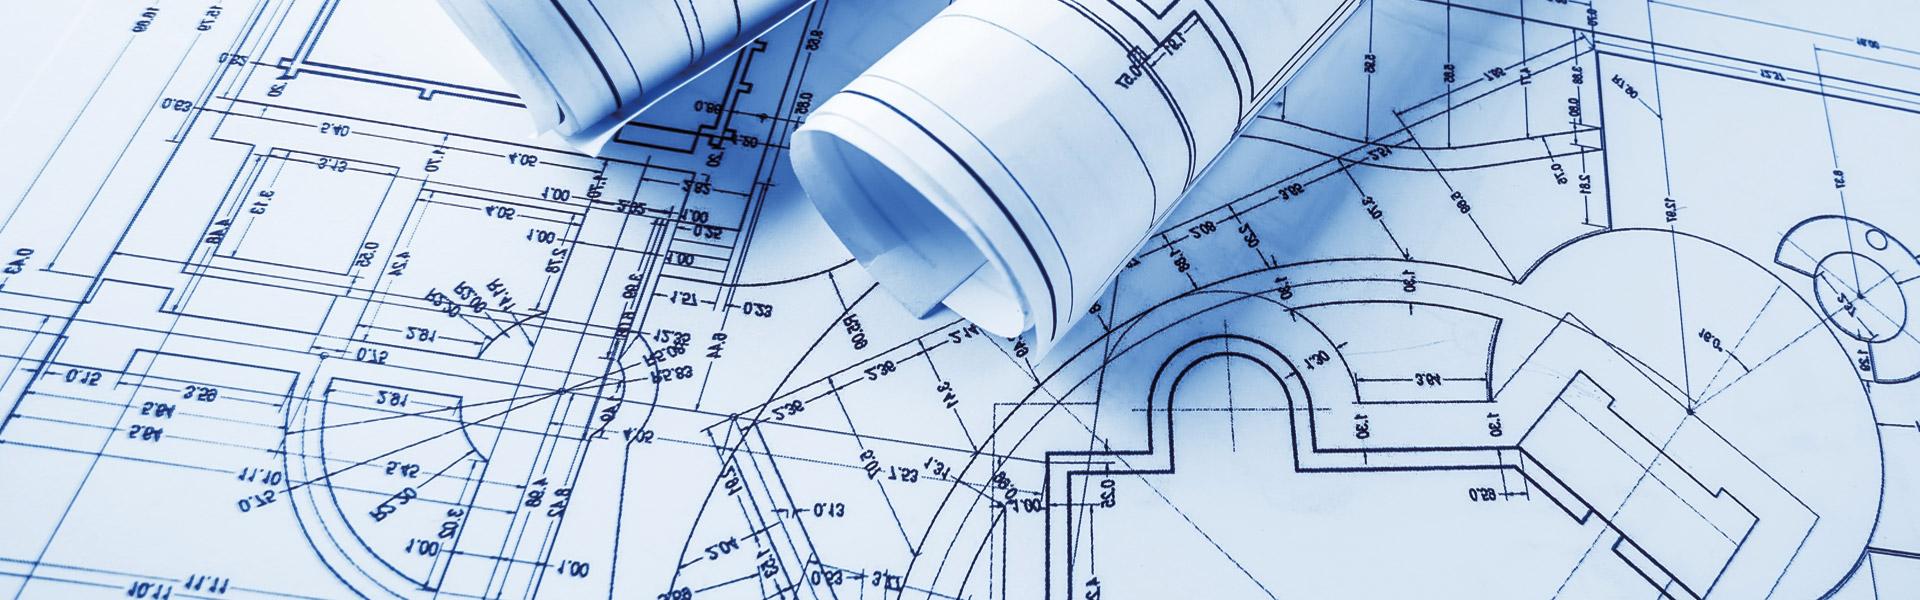 Servizi Centro Tecnico Spazio Iniziative Immobiliari